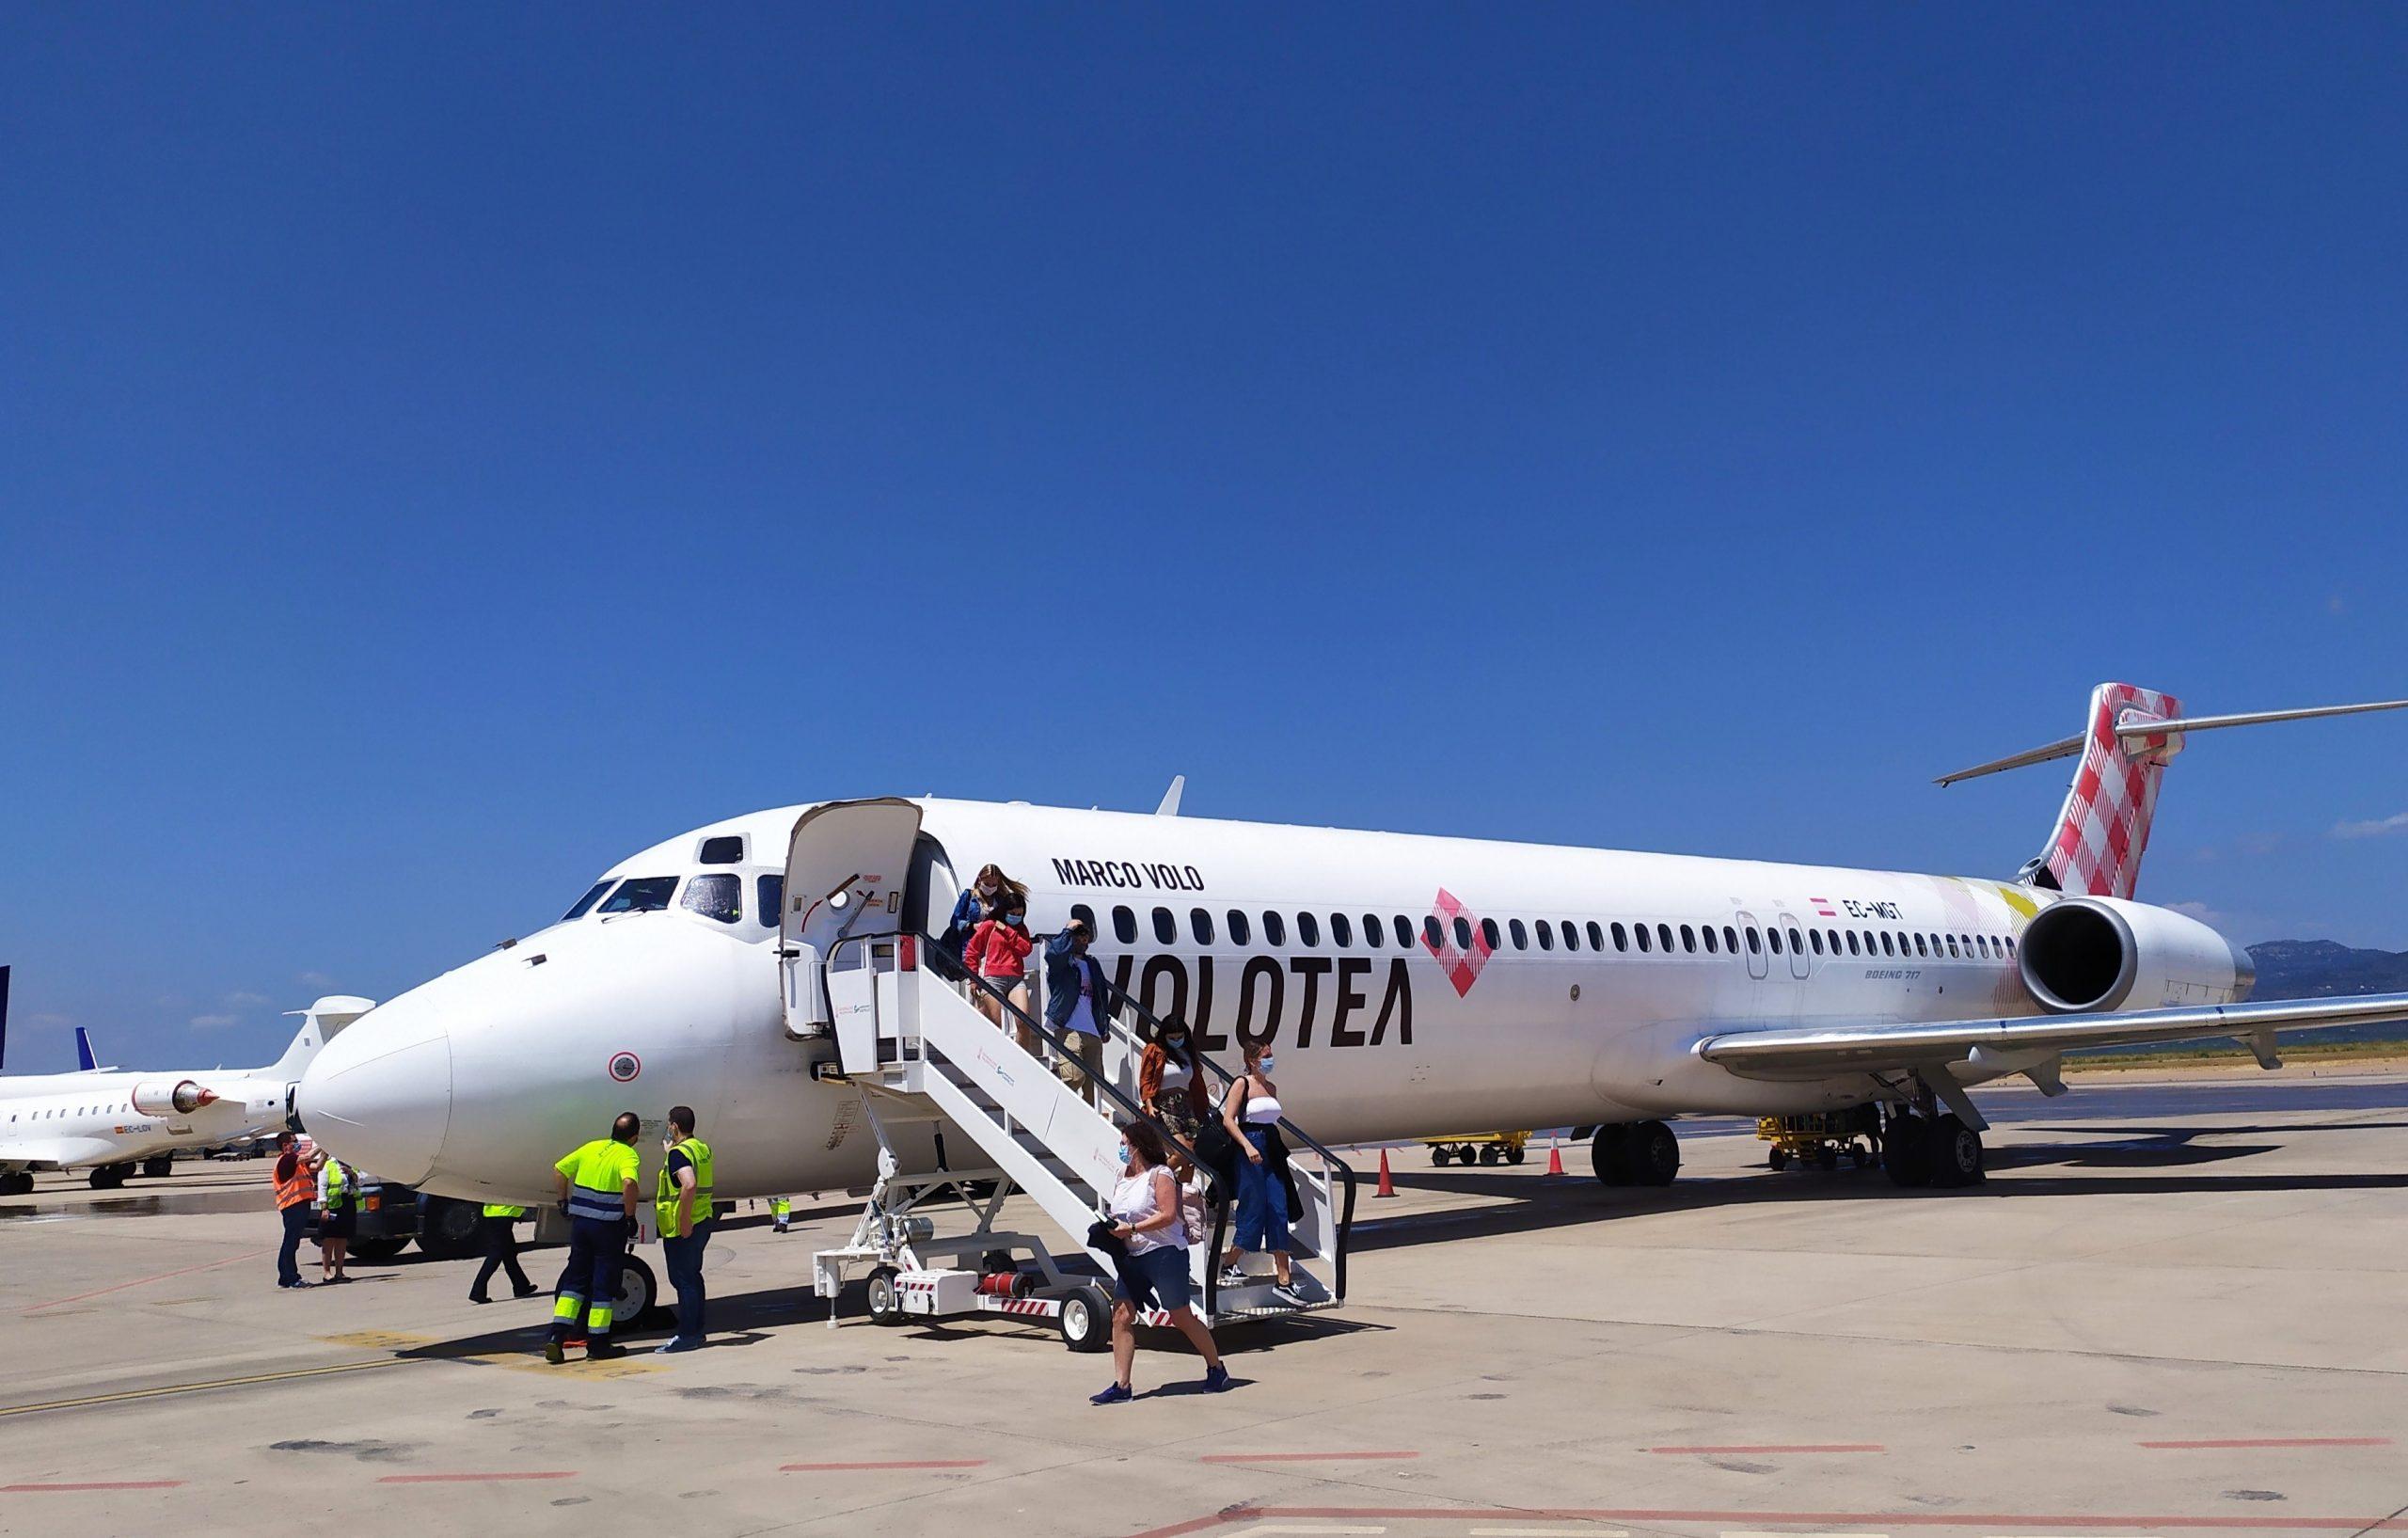 El aeropuerto de Castelló prevé reactivar la ruta a Bilbao el próximo 10 de junio con dos frecuencias semanales